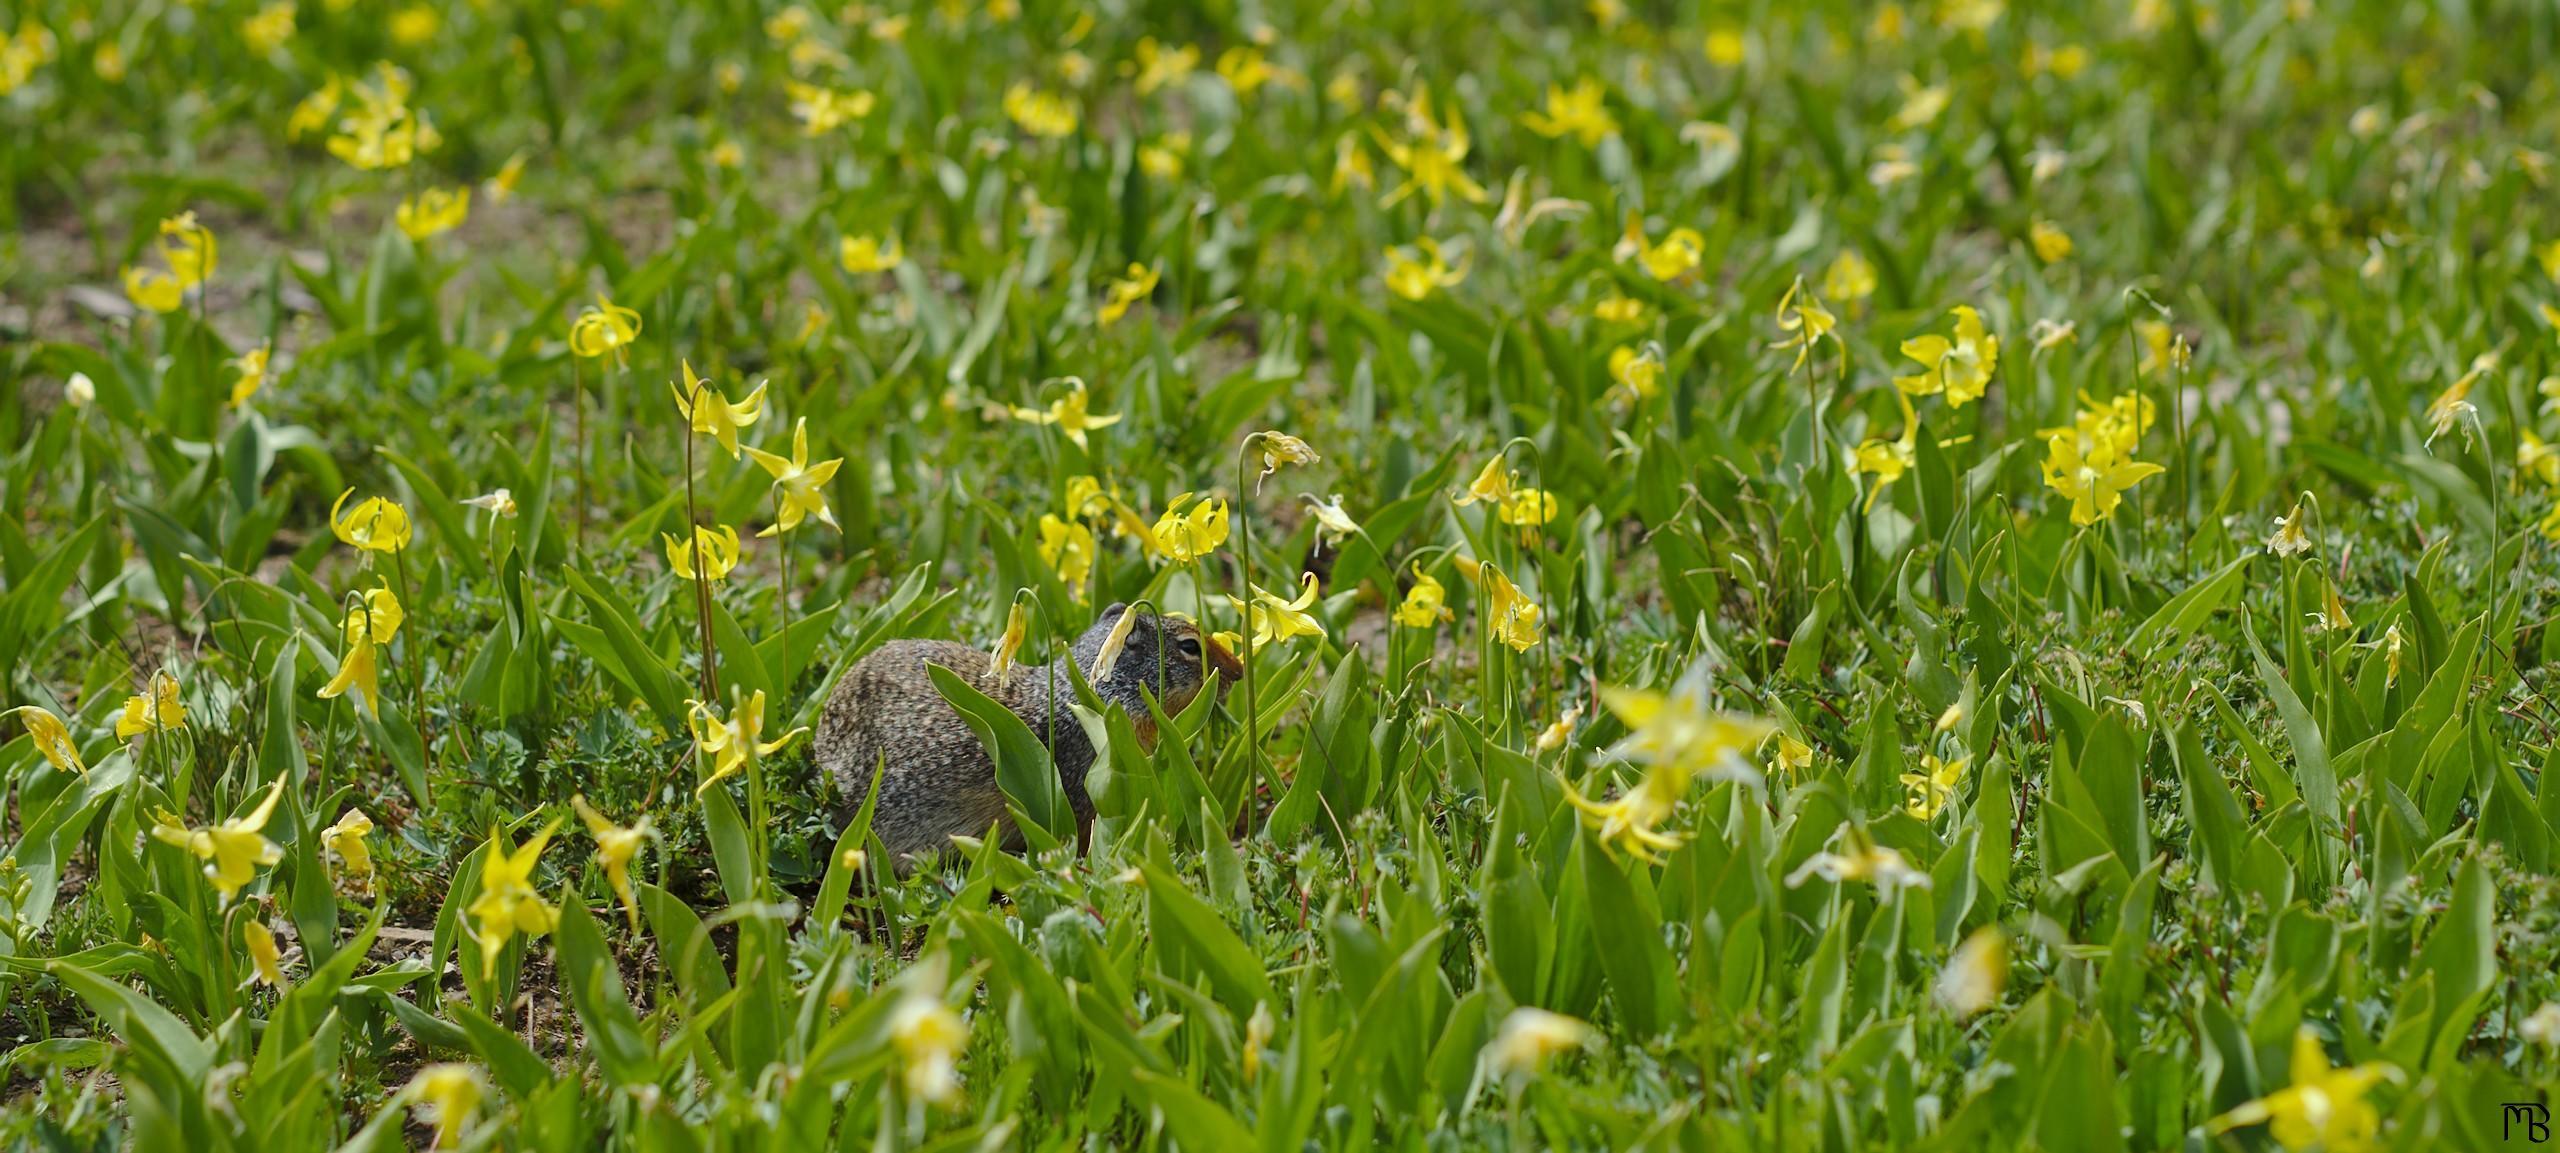 Chipmunk among yellow field of yellow flowers